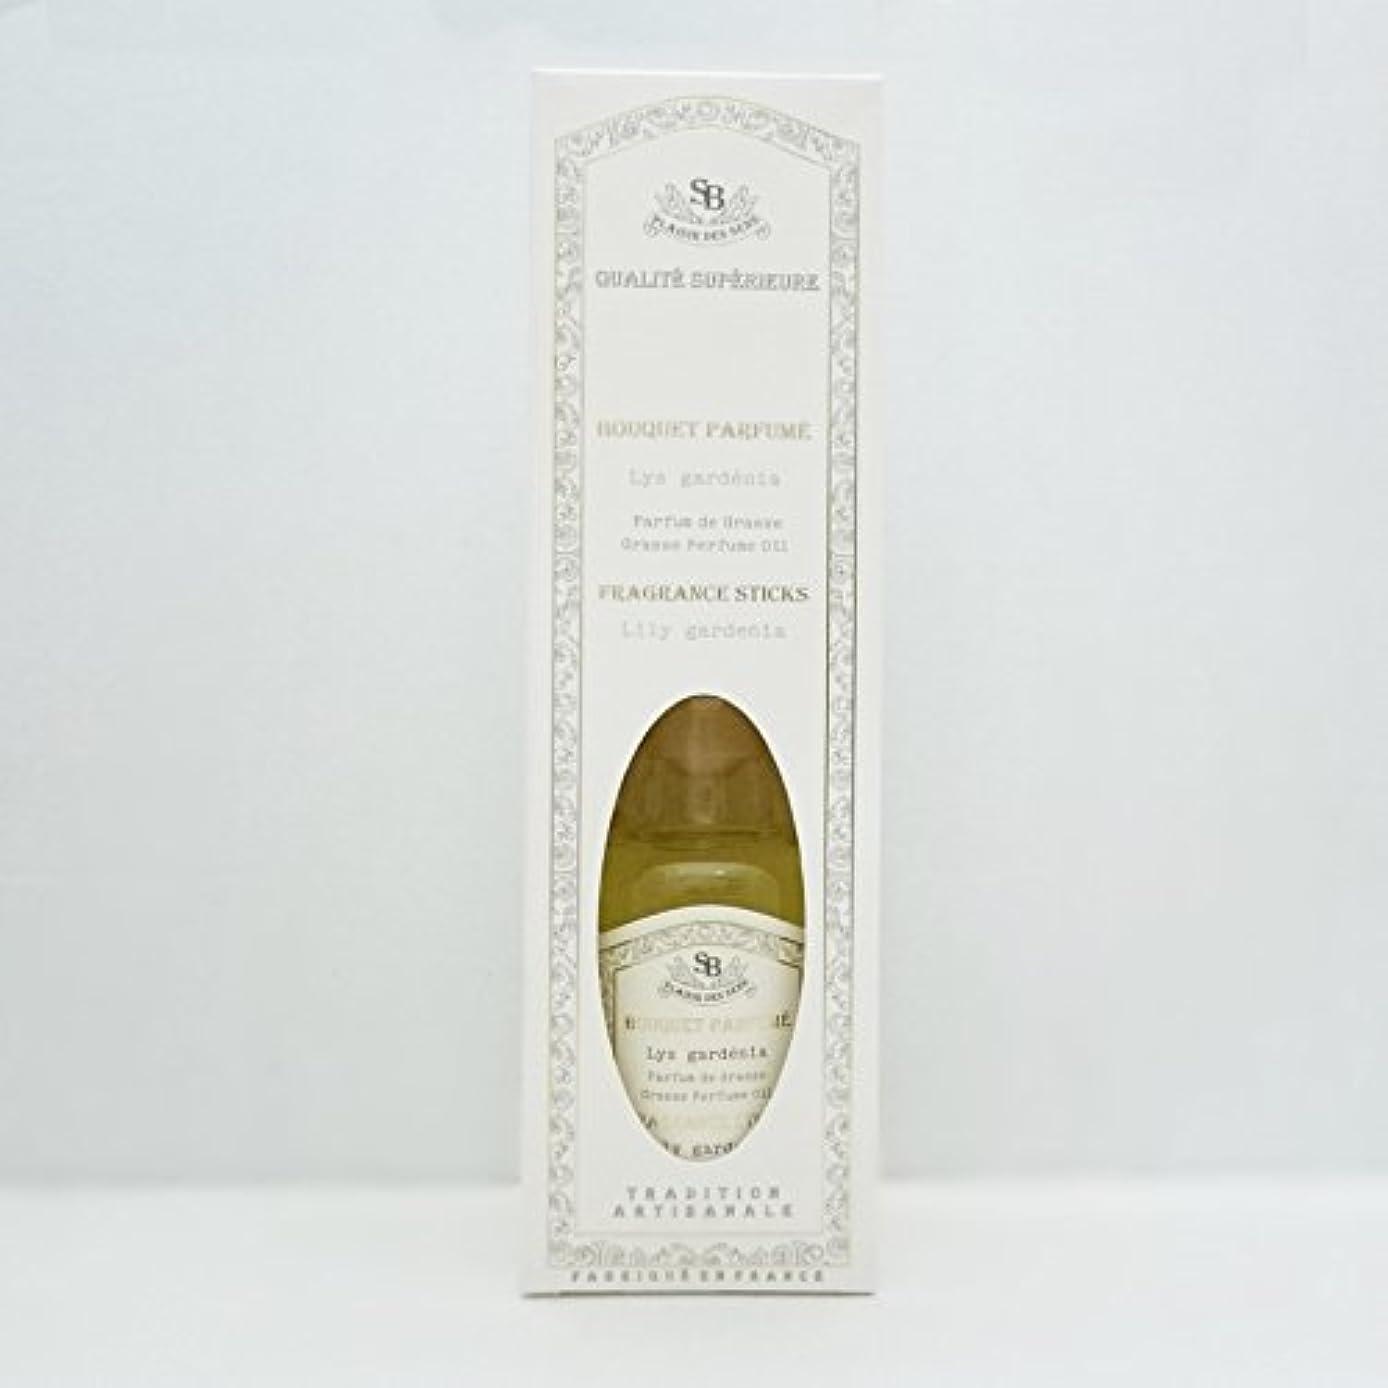 提供するファイナンスコアサンタールエボーテ フレンチクラシック フレグランスブーケ200ml リリーガーデニア